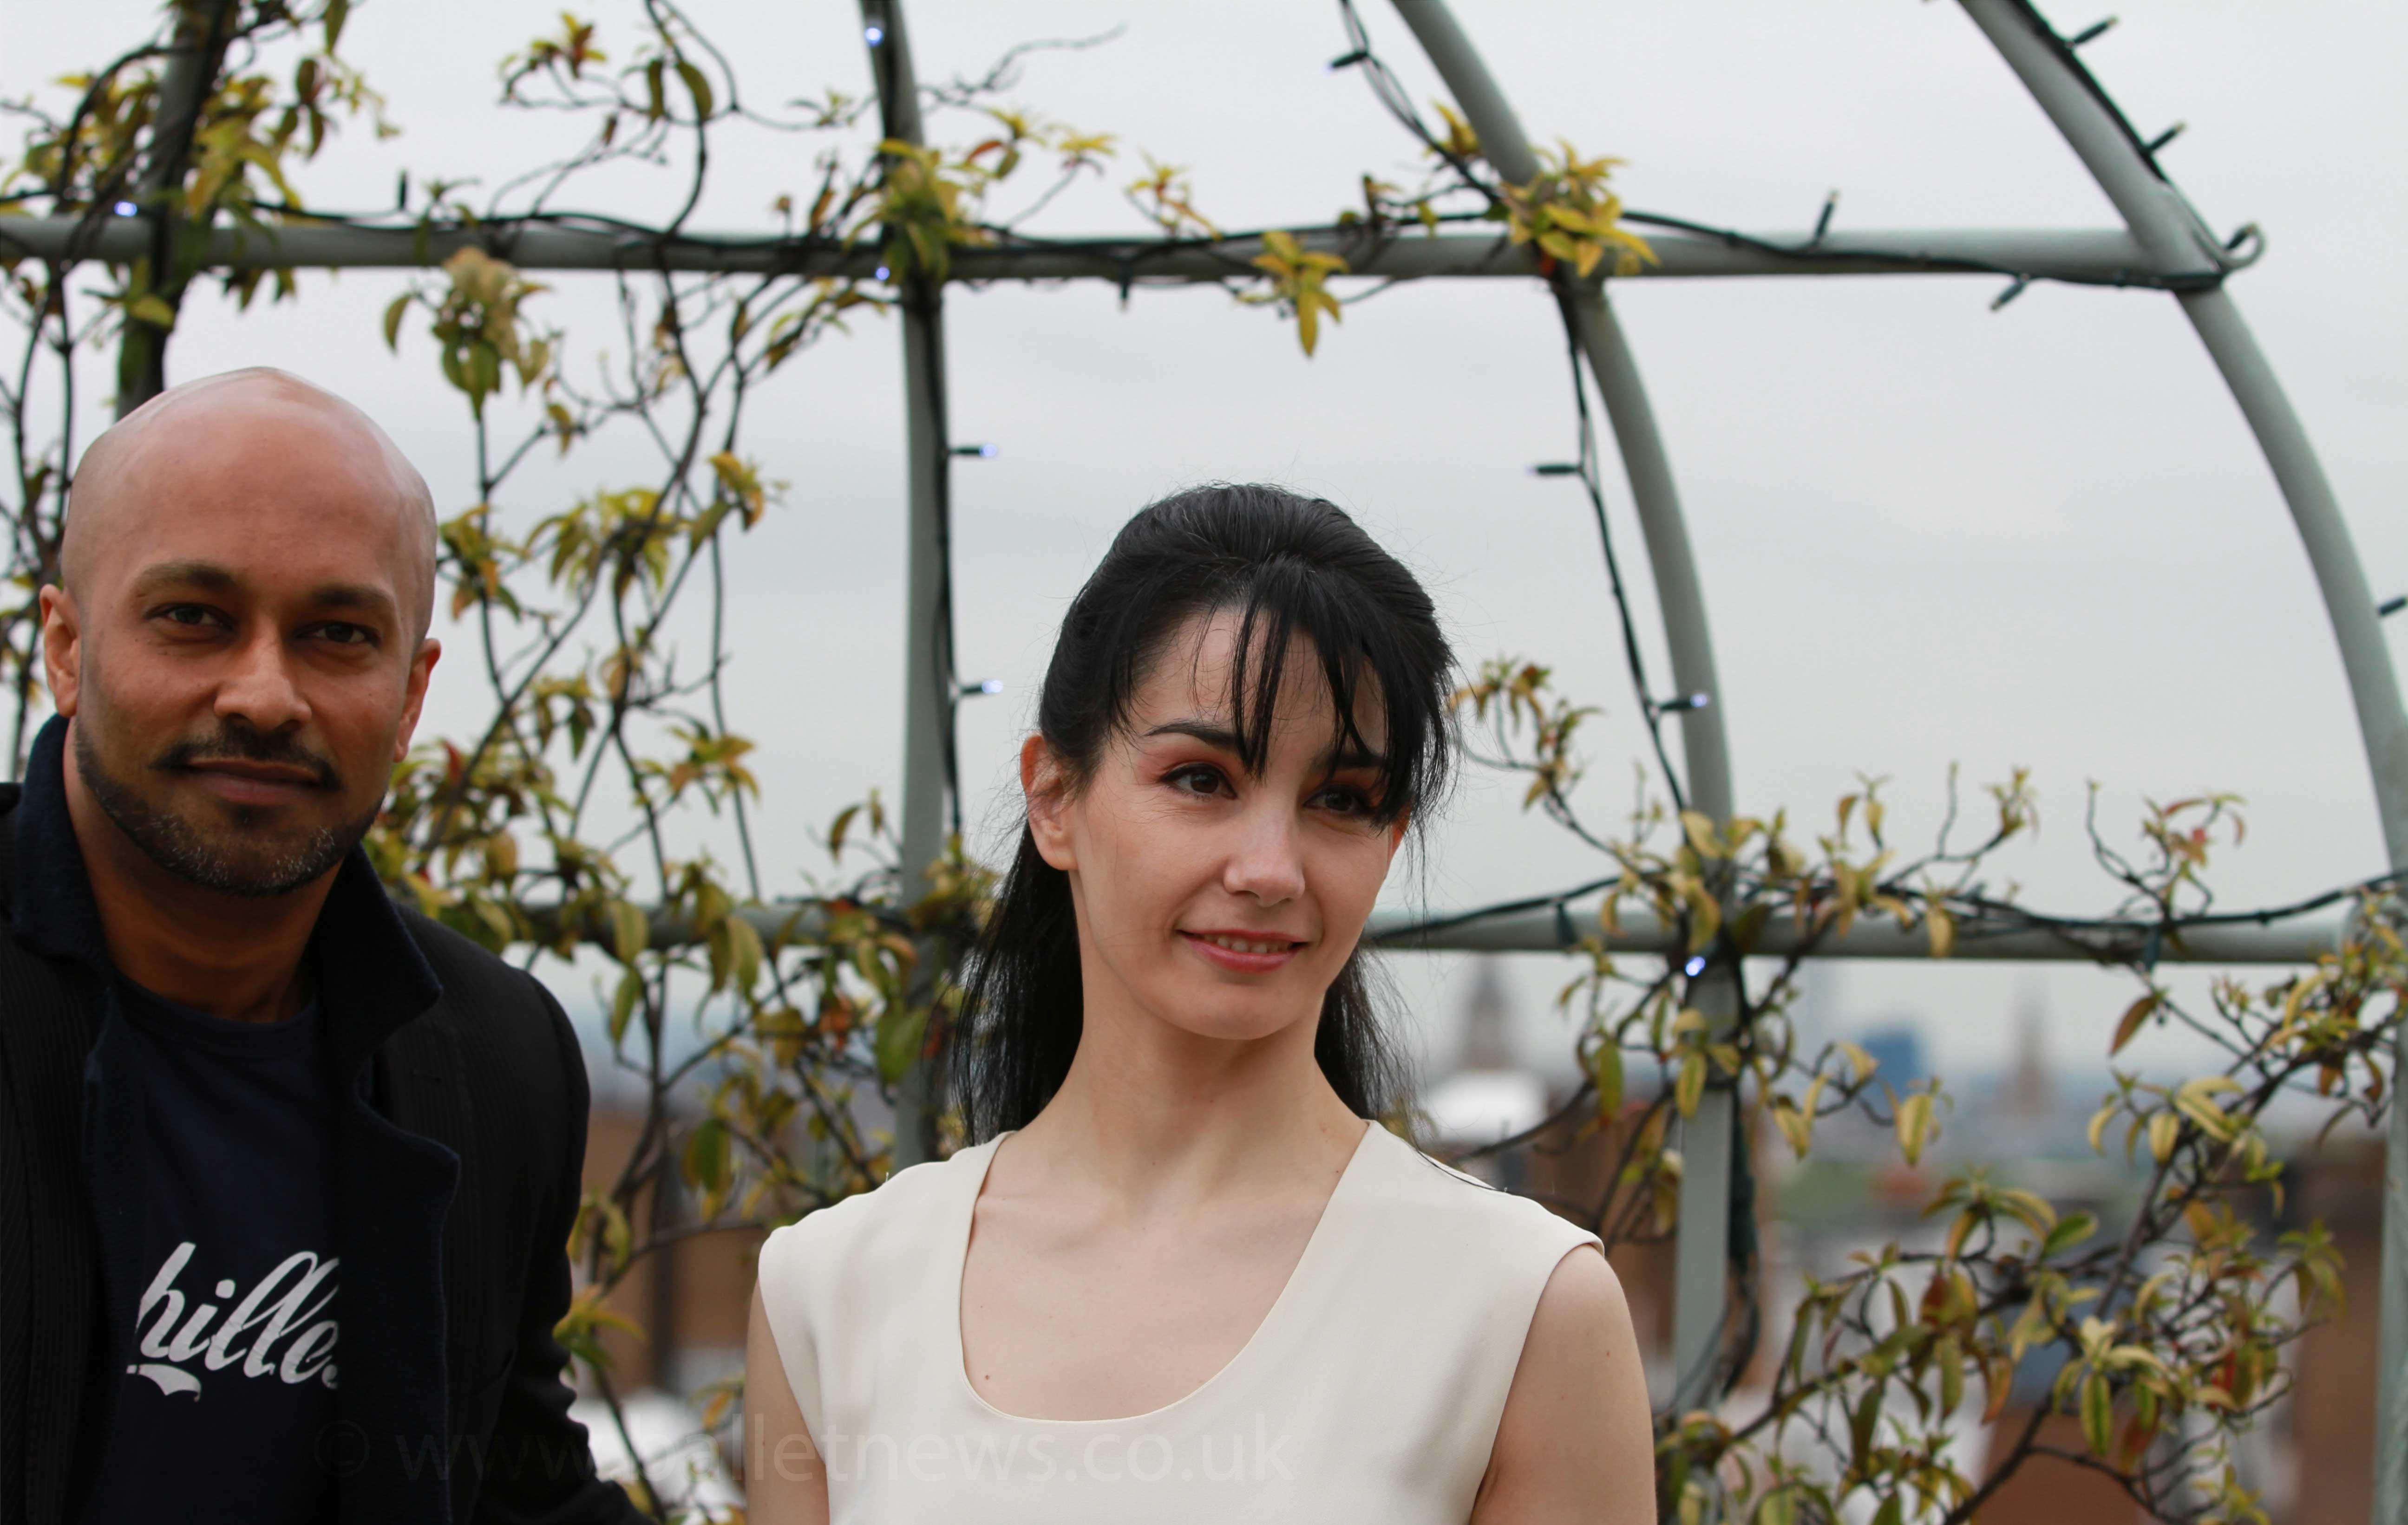 Tamara Rojo & Akram Khan Photograph : Cheryl Angear